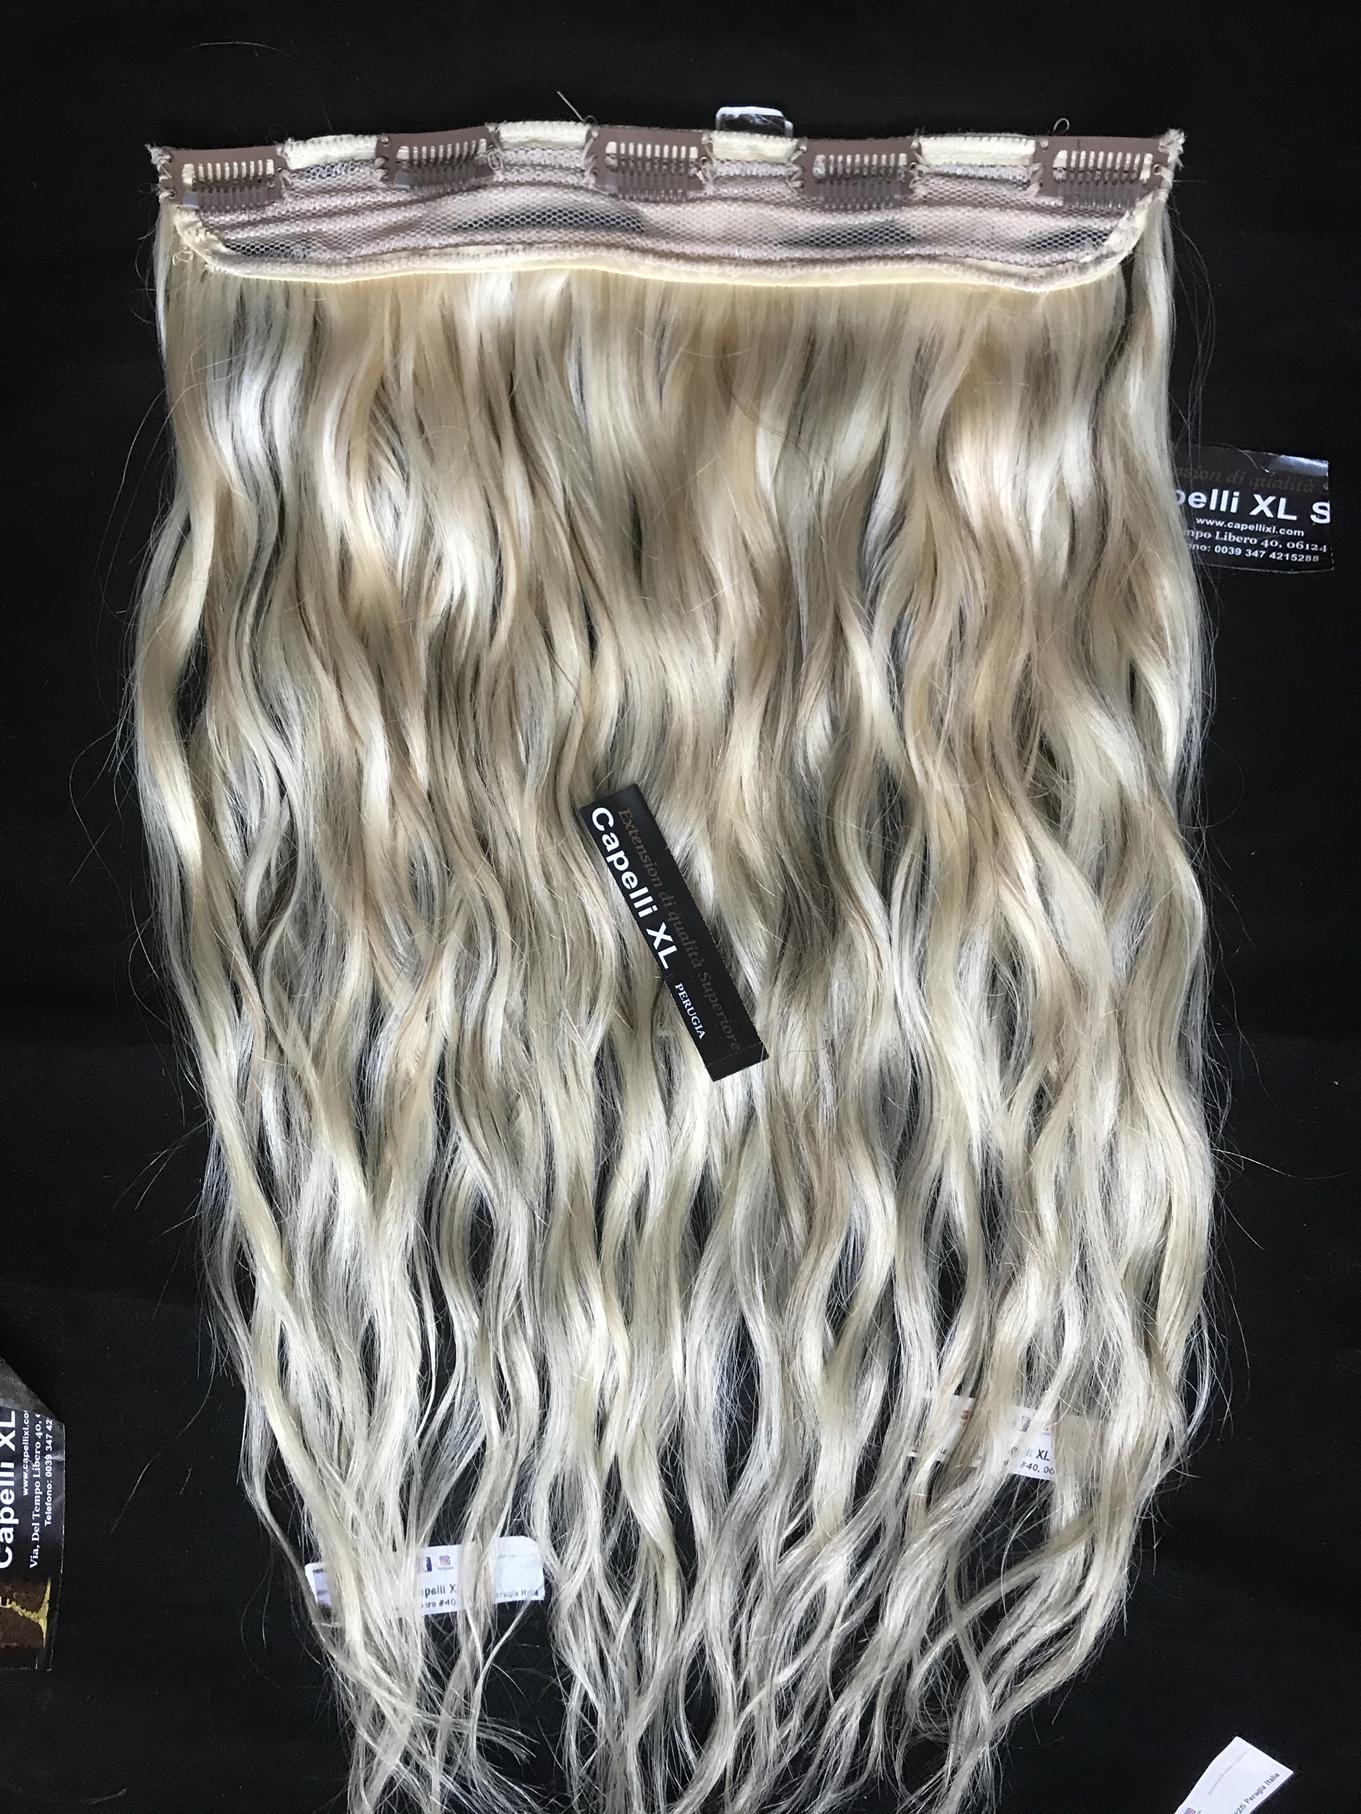 Extension con clip biondi meches capelli veri